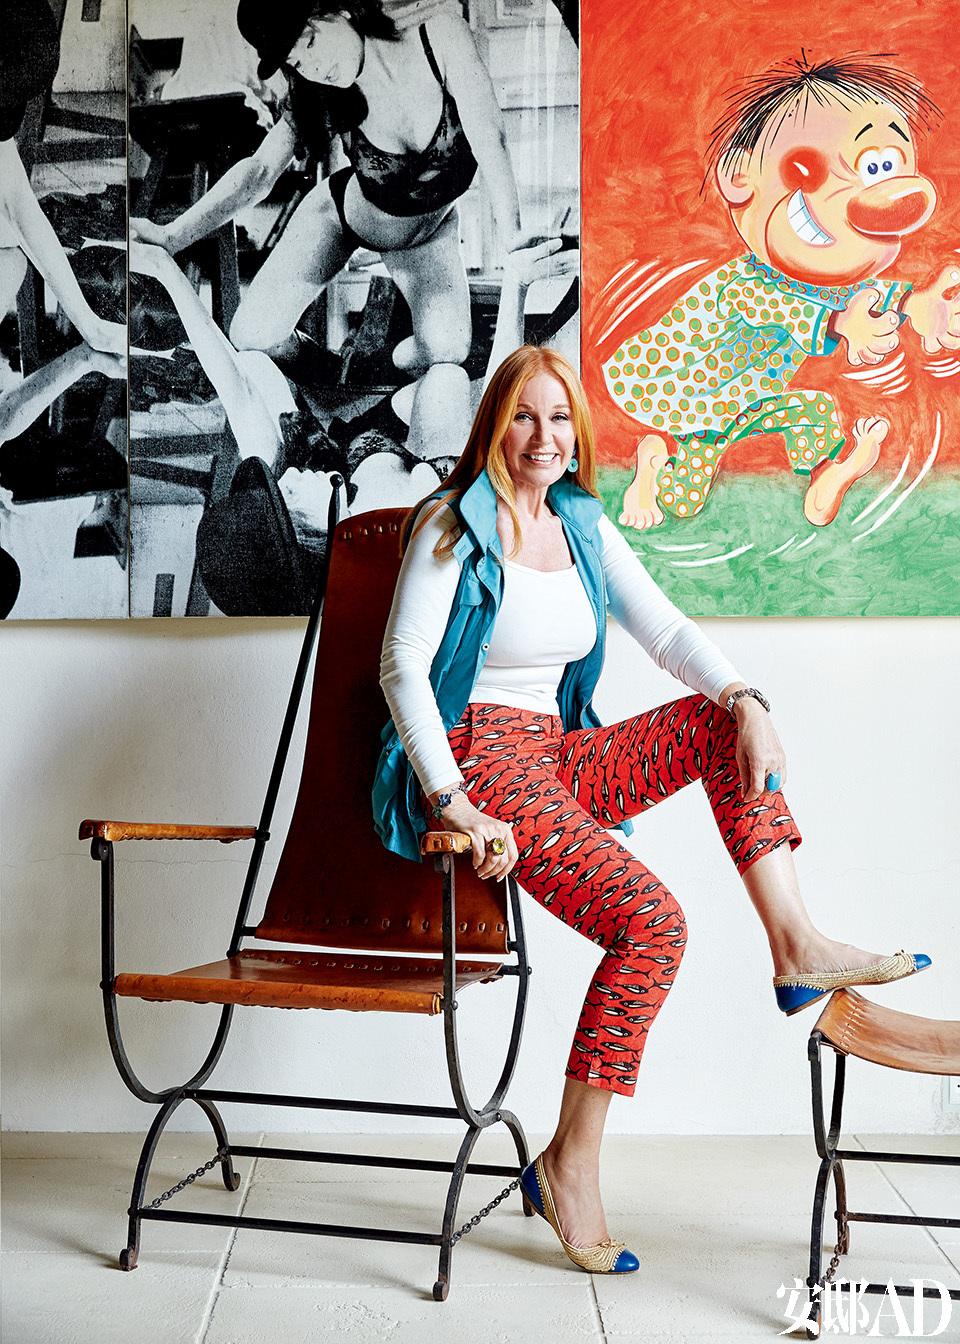 """坐在扶手上的Suzanne,扶手椅和脚凳均来自André Arbus。后侧的油画来自Julia Wachtel。主人: Suzanne Syz(苏珊·塞兹),瑞士珠宝设计师,20世纪80年代活跃于纽约,与安迪·沃霍尔、巴斯奎特(Jean Michel Basquiat)、施纳贝尔(Julian Schnabel)、杰夫·昆斯(Jeff Koons)等知名艺术家过从甚密。近年搬到日内瓦,她的作品经常出现在各大秀展:棕榈滩珠宝与古董展(Palm Beach Jewelery Show),""""军械库展会""""(Armory Show),日内瓦艺术展(Art Genève)和伦敦大师展(Masterpiece London);对艺术收藏保持热情的她,也常在PAD、弗里兹艺术博览会(Frieze)、巴塞尔艺术展(Art Basel)、TEFAF等各大艺廊和艺术展上寻找新藏品。"""